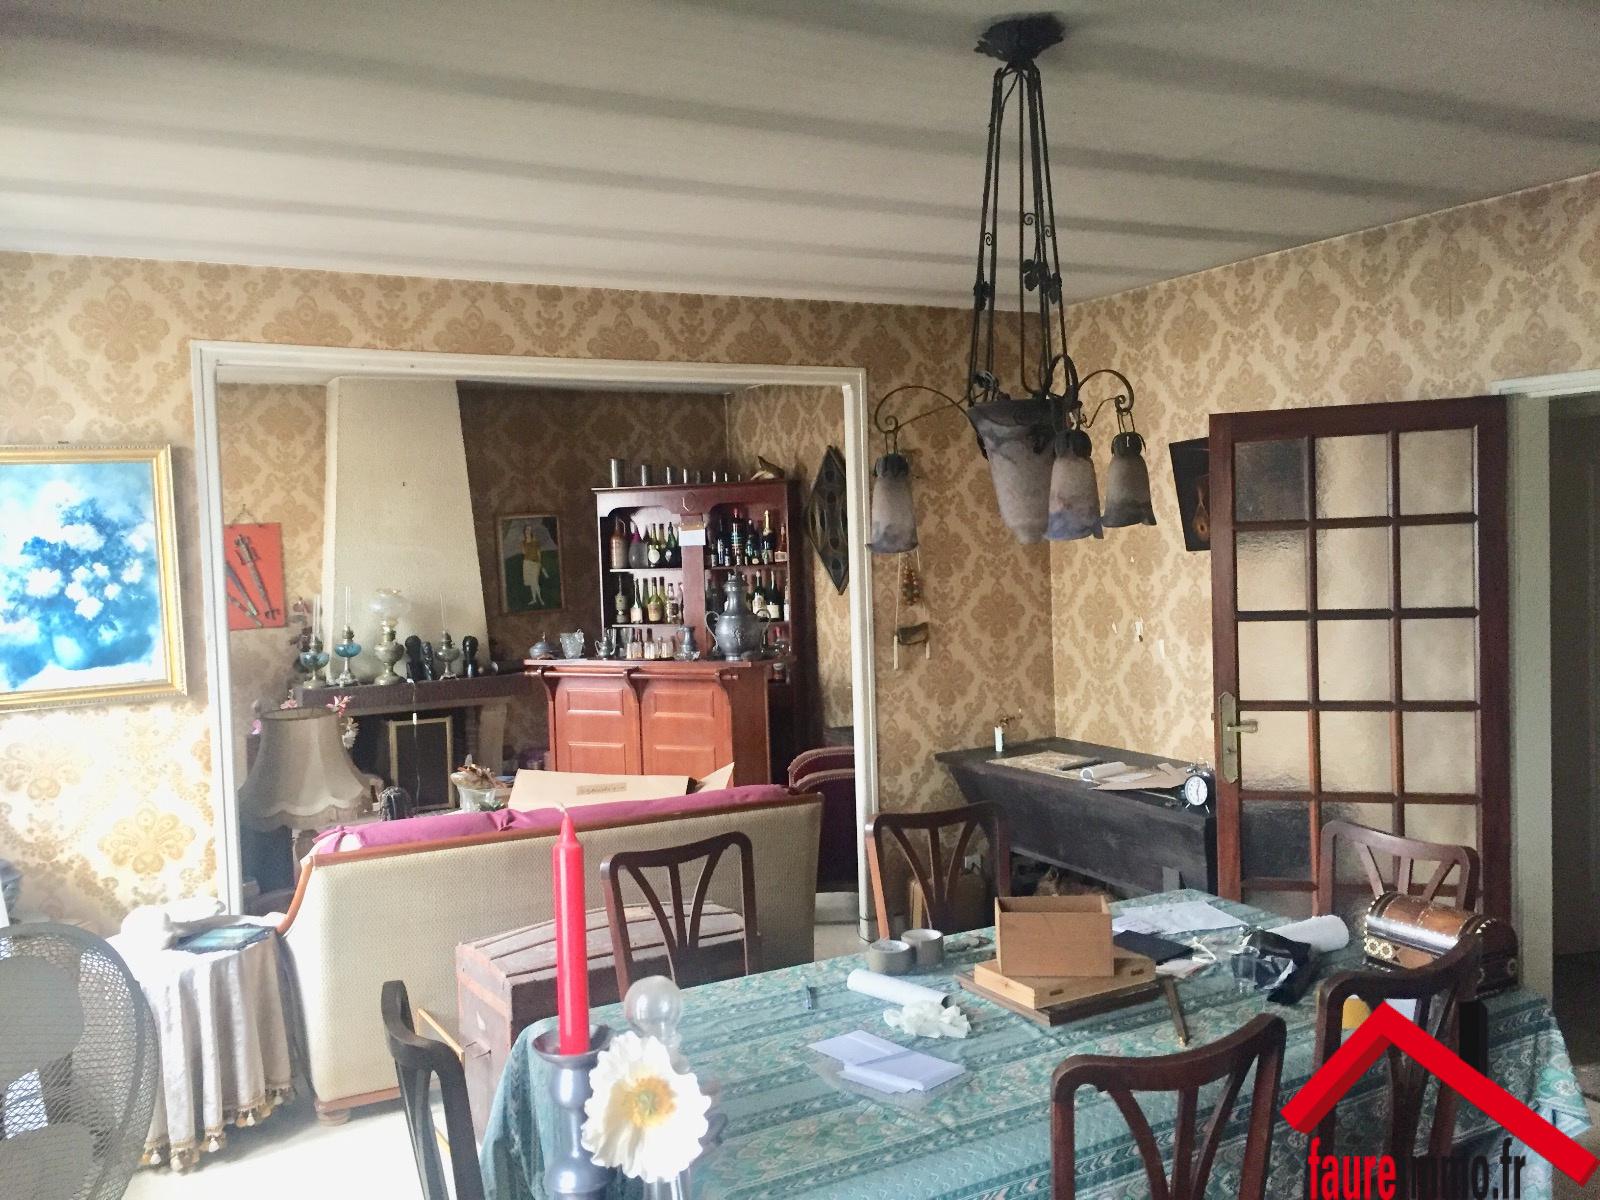 maison a louer 49 le bon coin vue mer with maison a louer 49 le bon coin plombires with maison. Black Bedroom Furniture Sets. Home Design Ideas